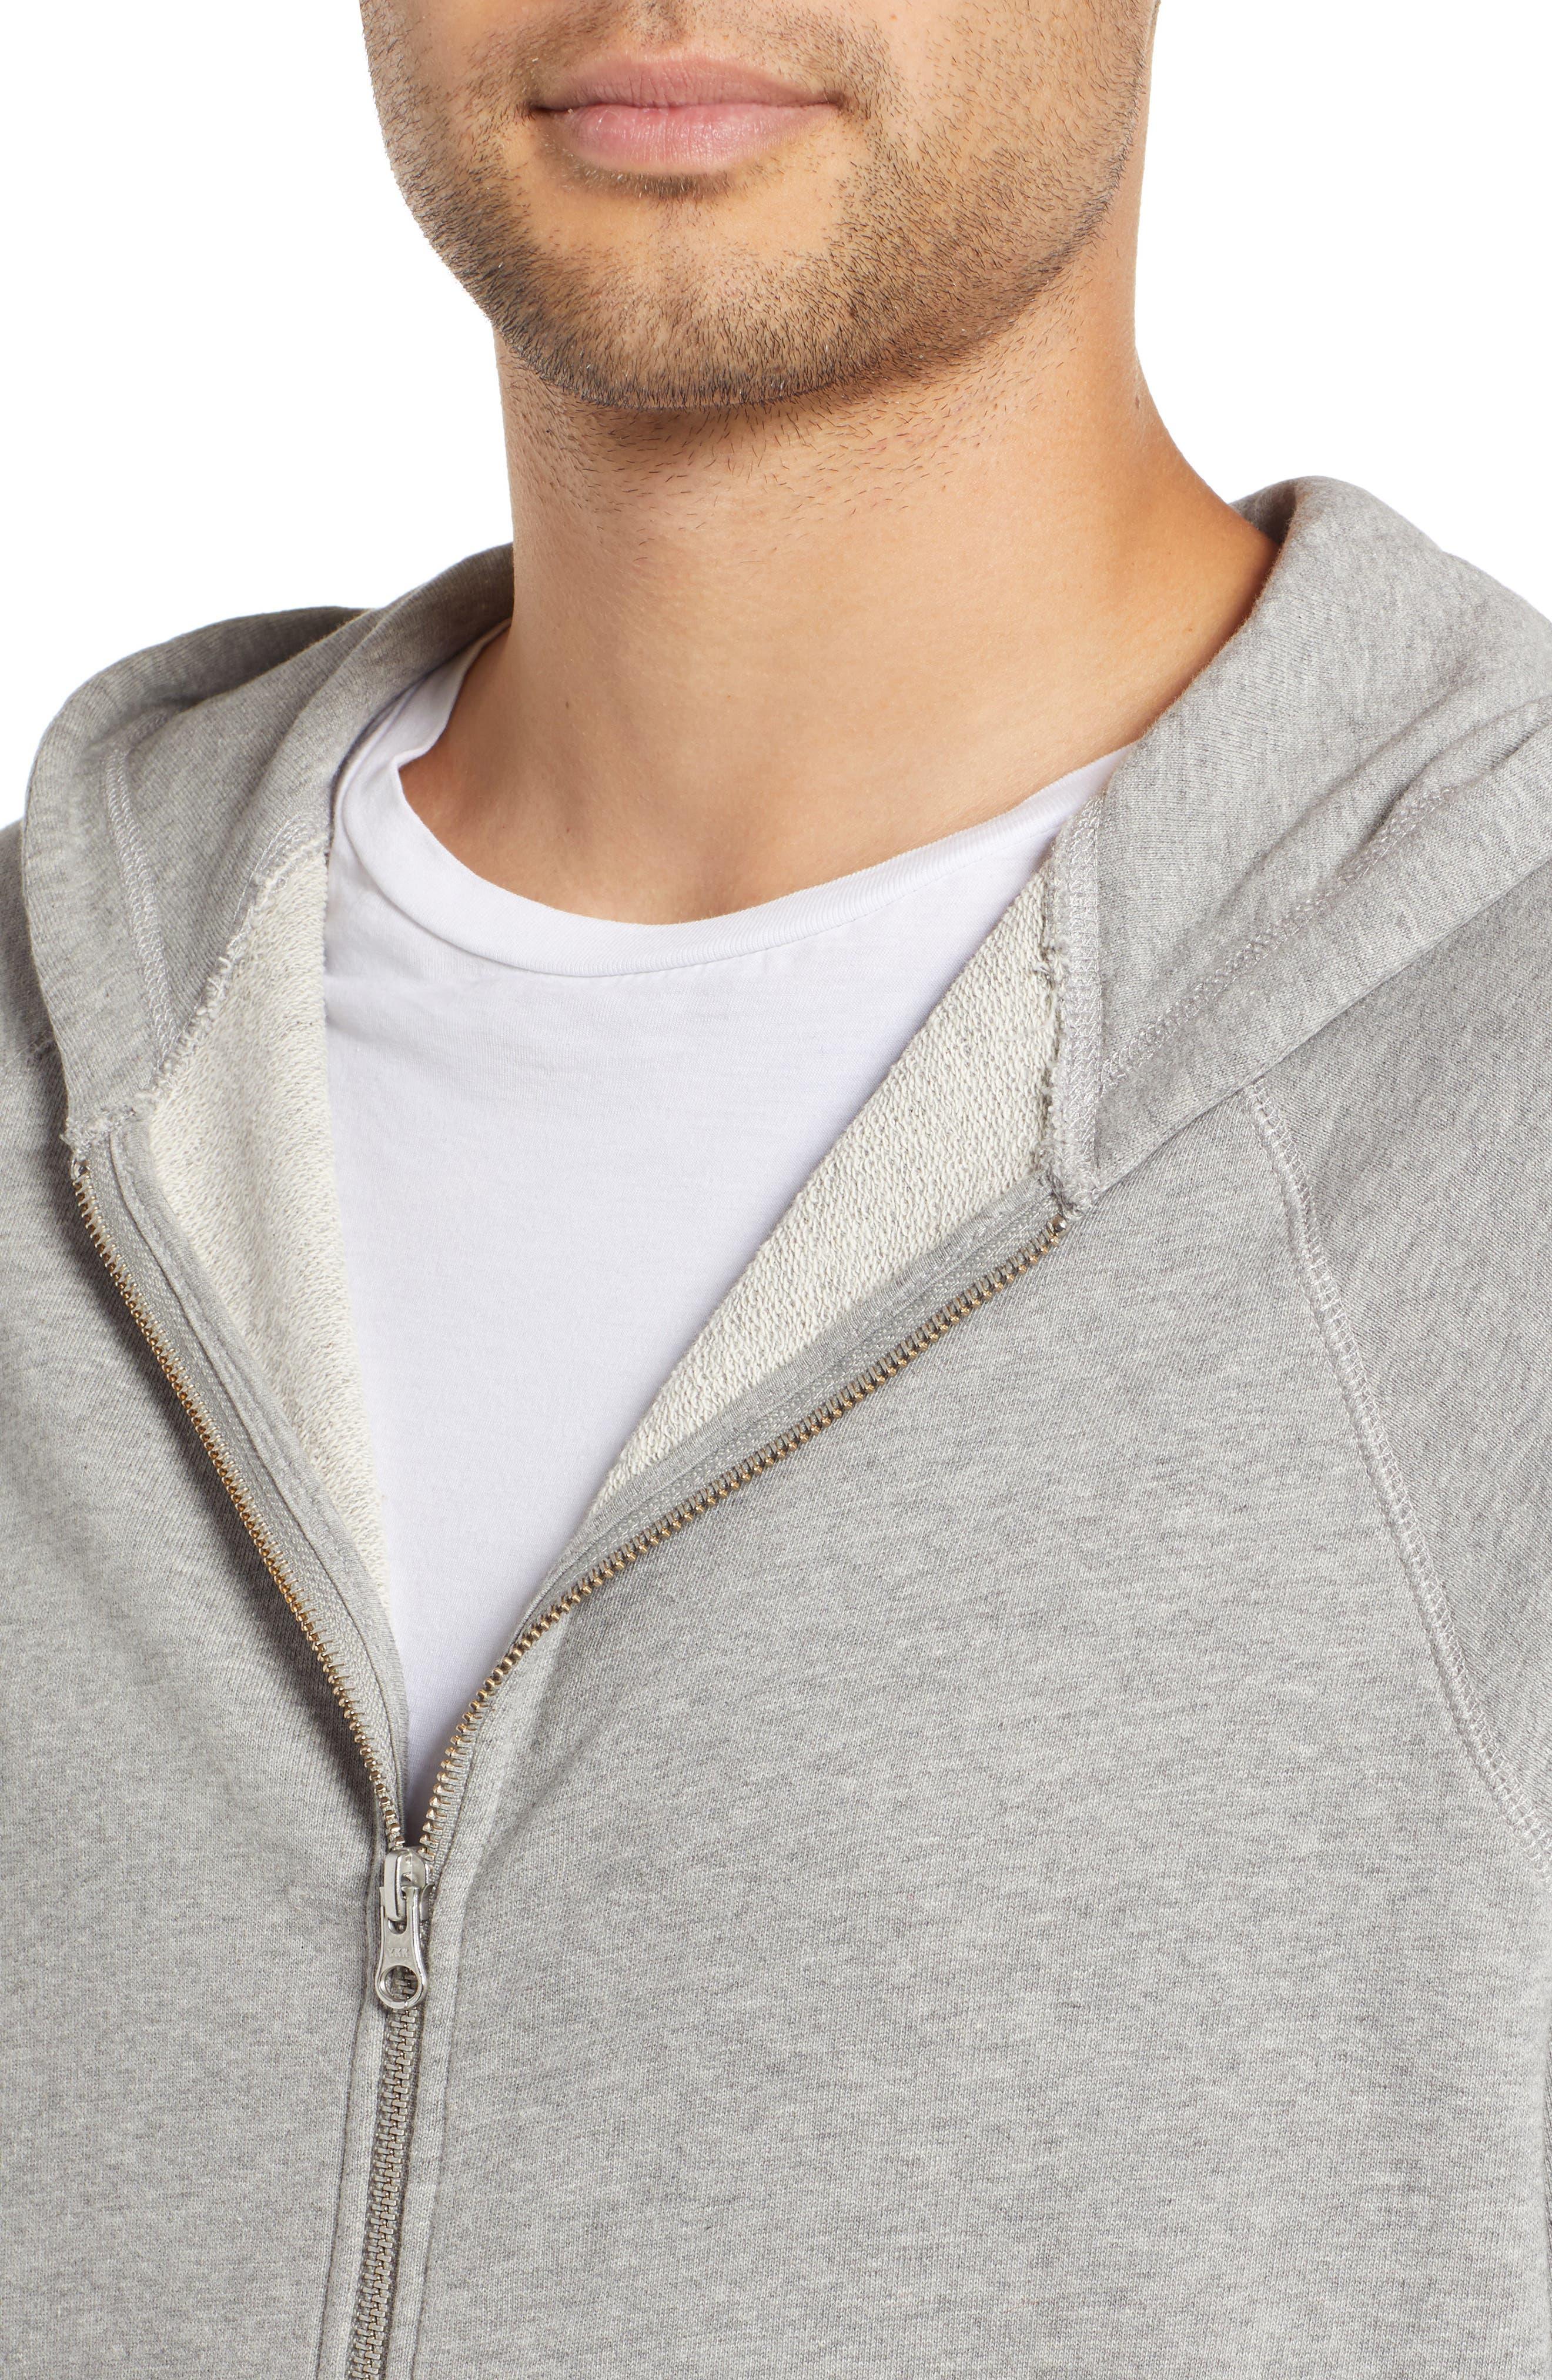 Pause Hooded Zip Sweatshirt,                             Alternate thumbnail 4, color,                             GREY MELANGE